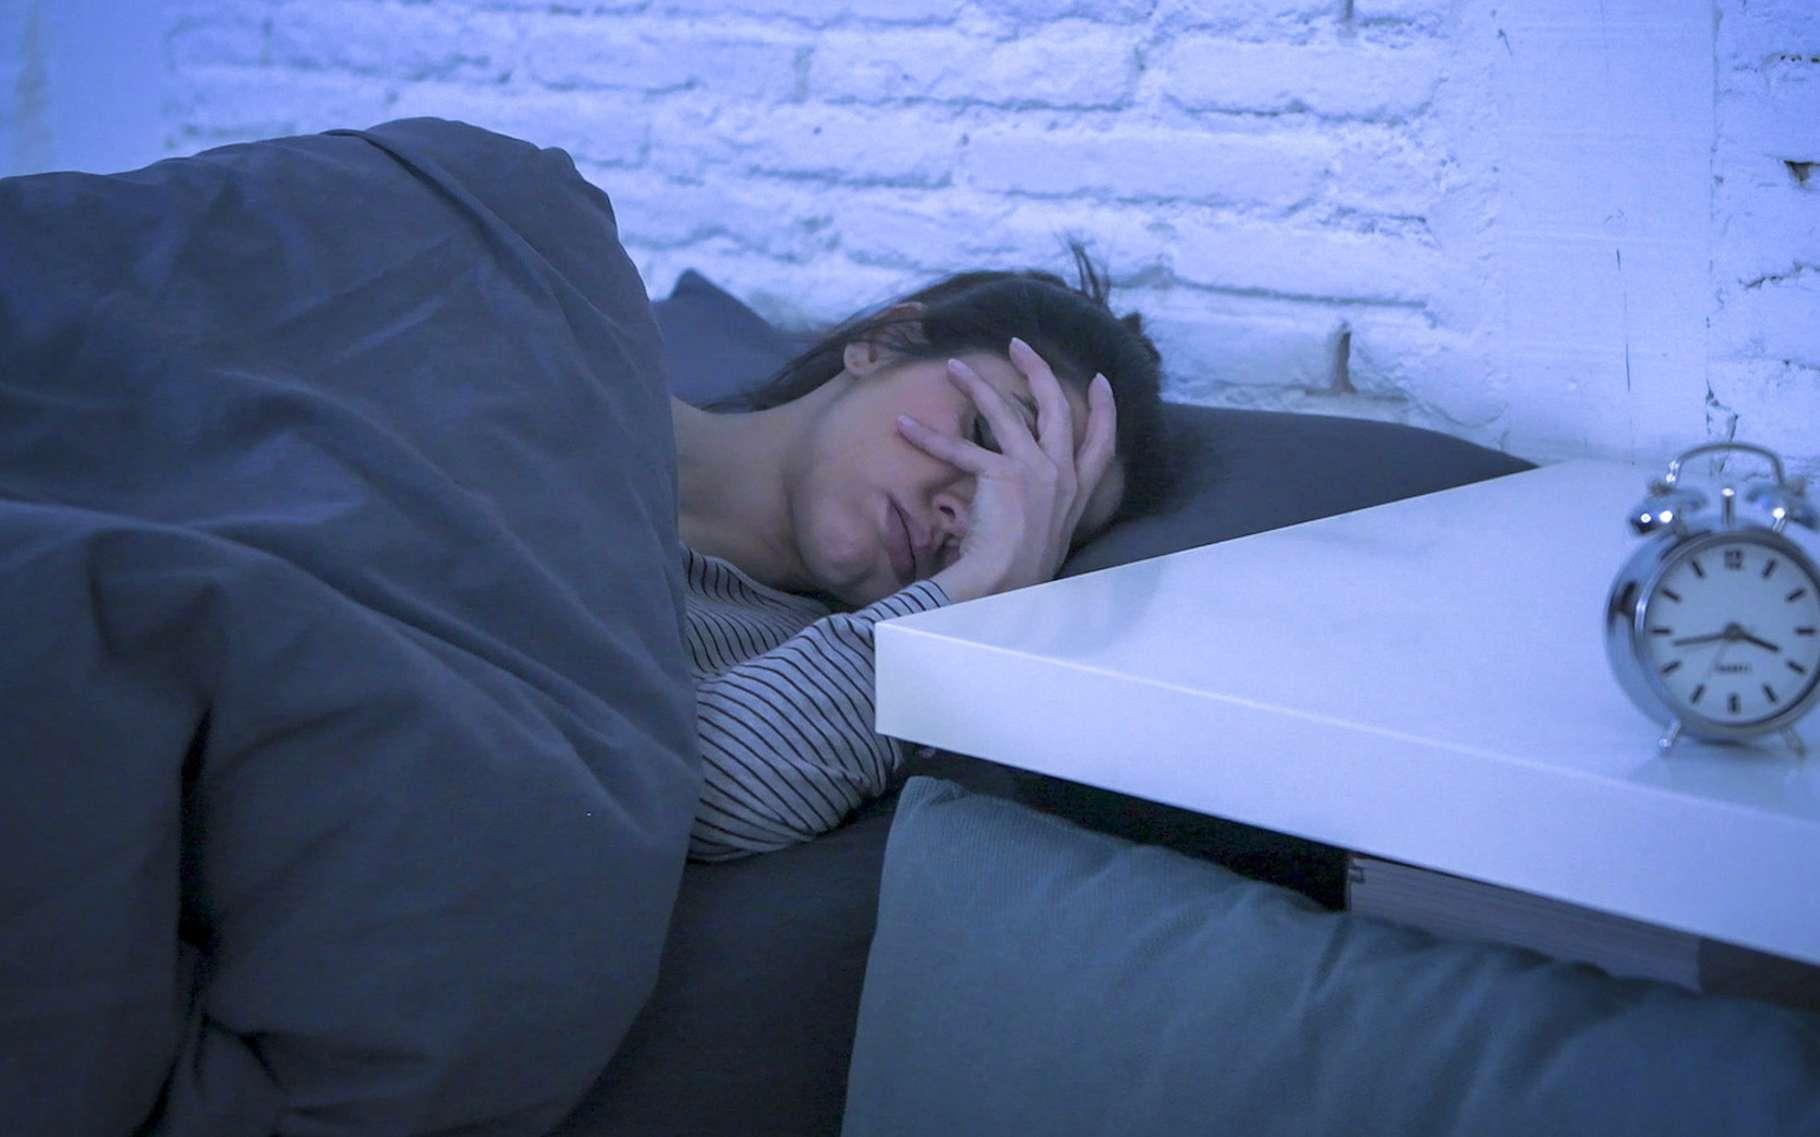 La veille d'un examen, il peut être difficile de trouver le sommeil. Mais quelques astuces peuvent nous y aider. © Wordley Calvo Stock, Fotolia